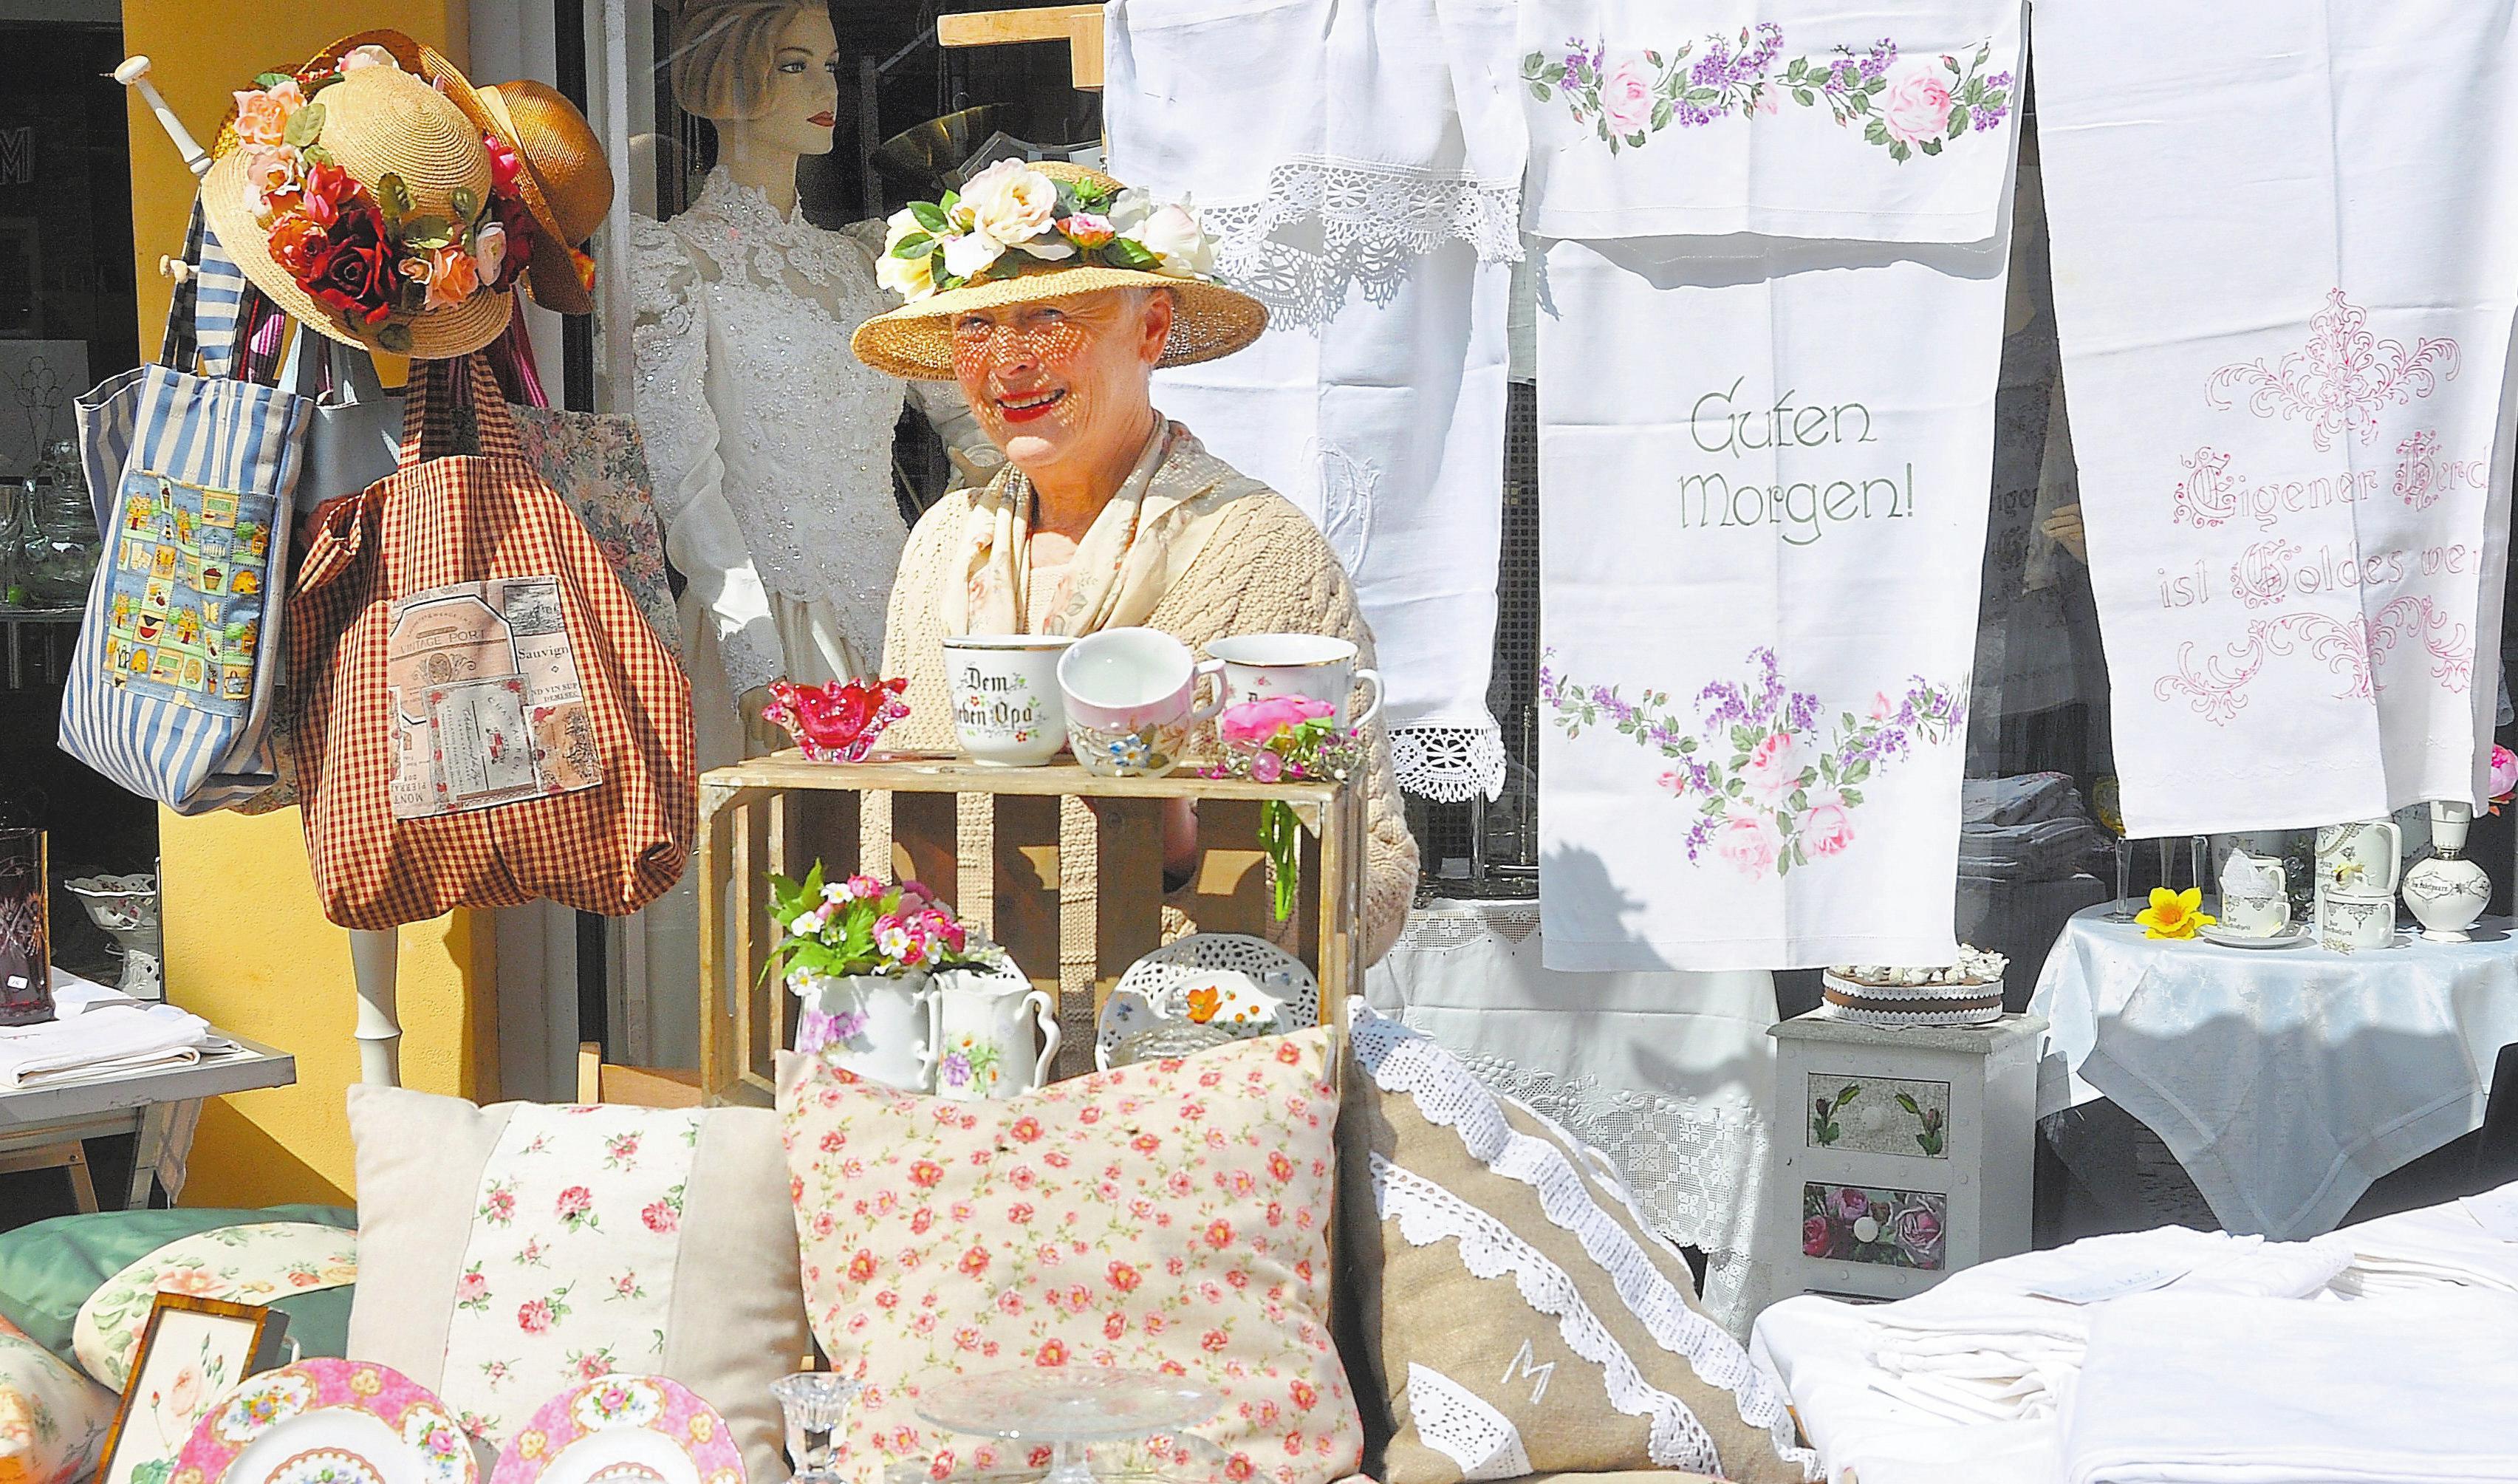 Traditionelle Handwerkskunst steht nach wie vor im Mittelpunkt des Markts am ersten Maiwochenende in der Burgsteinfurter Innenstadt. Foto: Bernd Schäfer